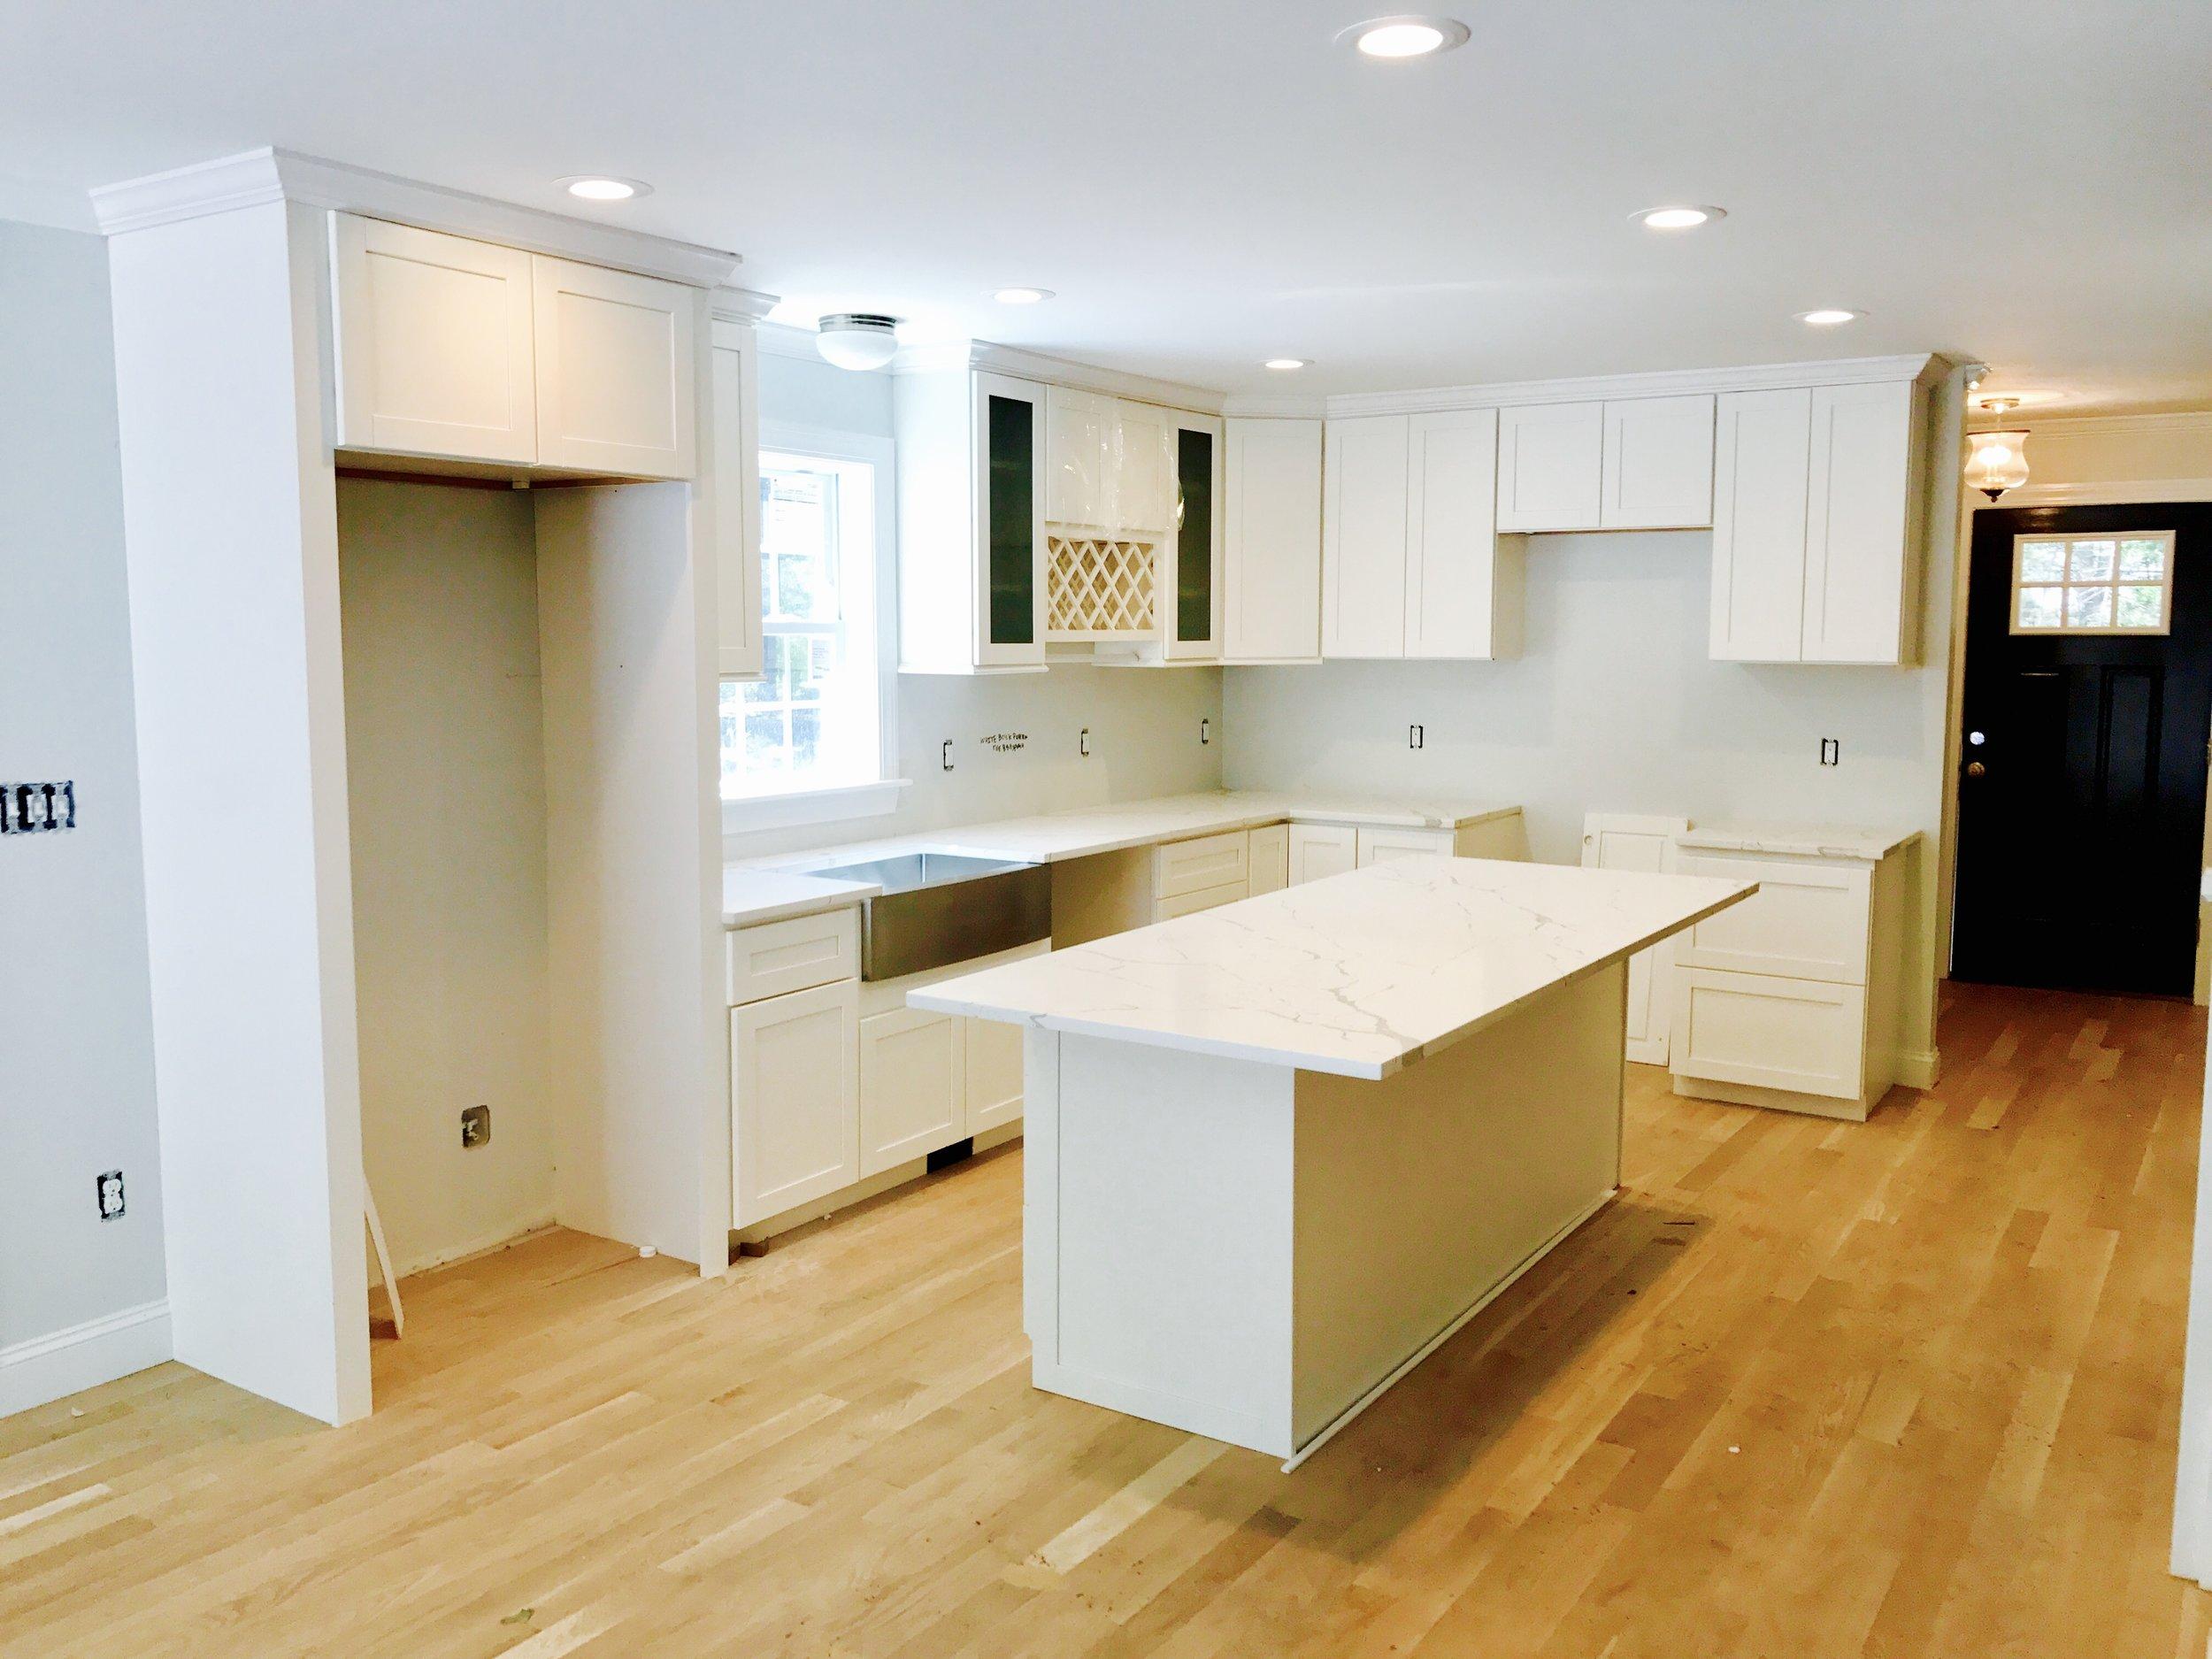 35 laurel 7-19-18 kitchen .jpg